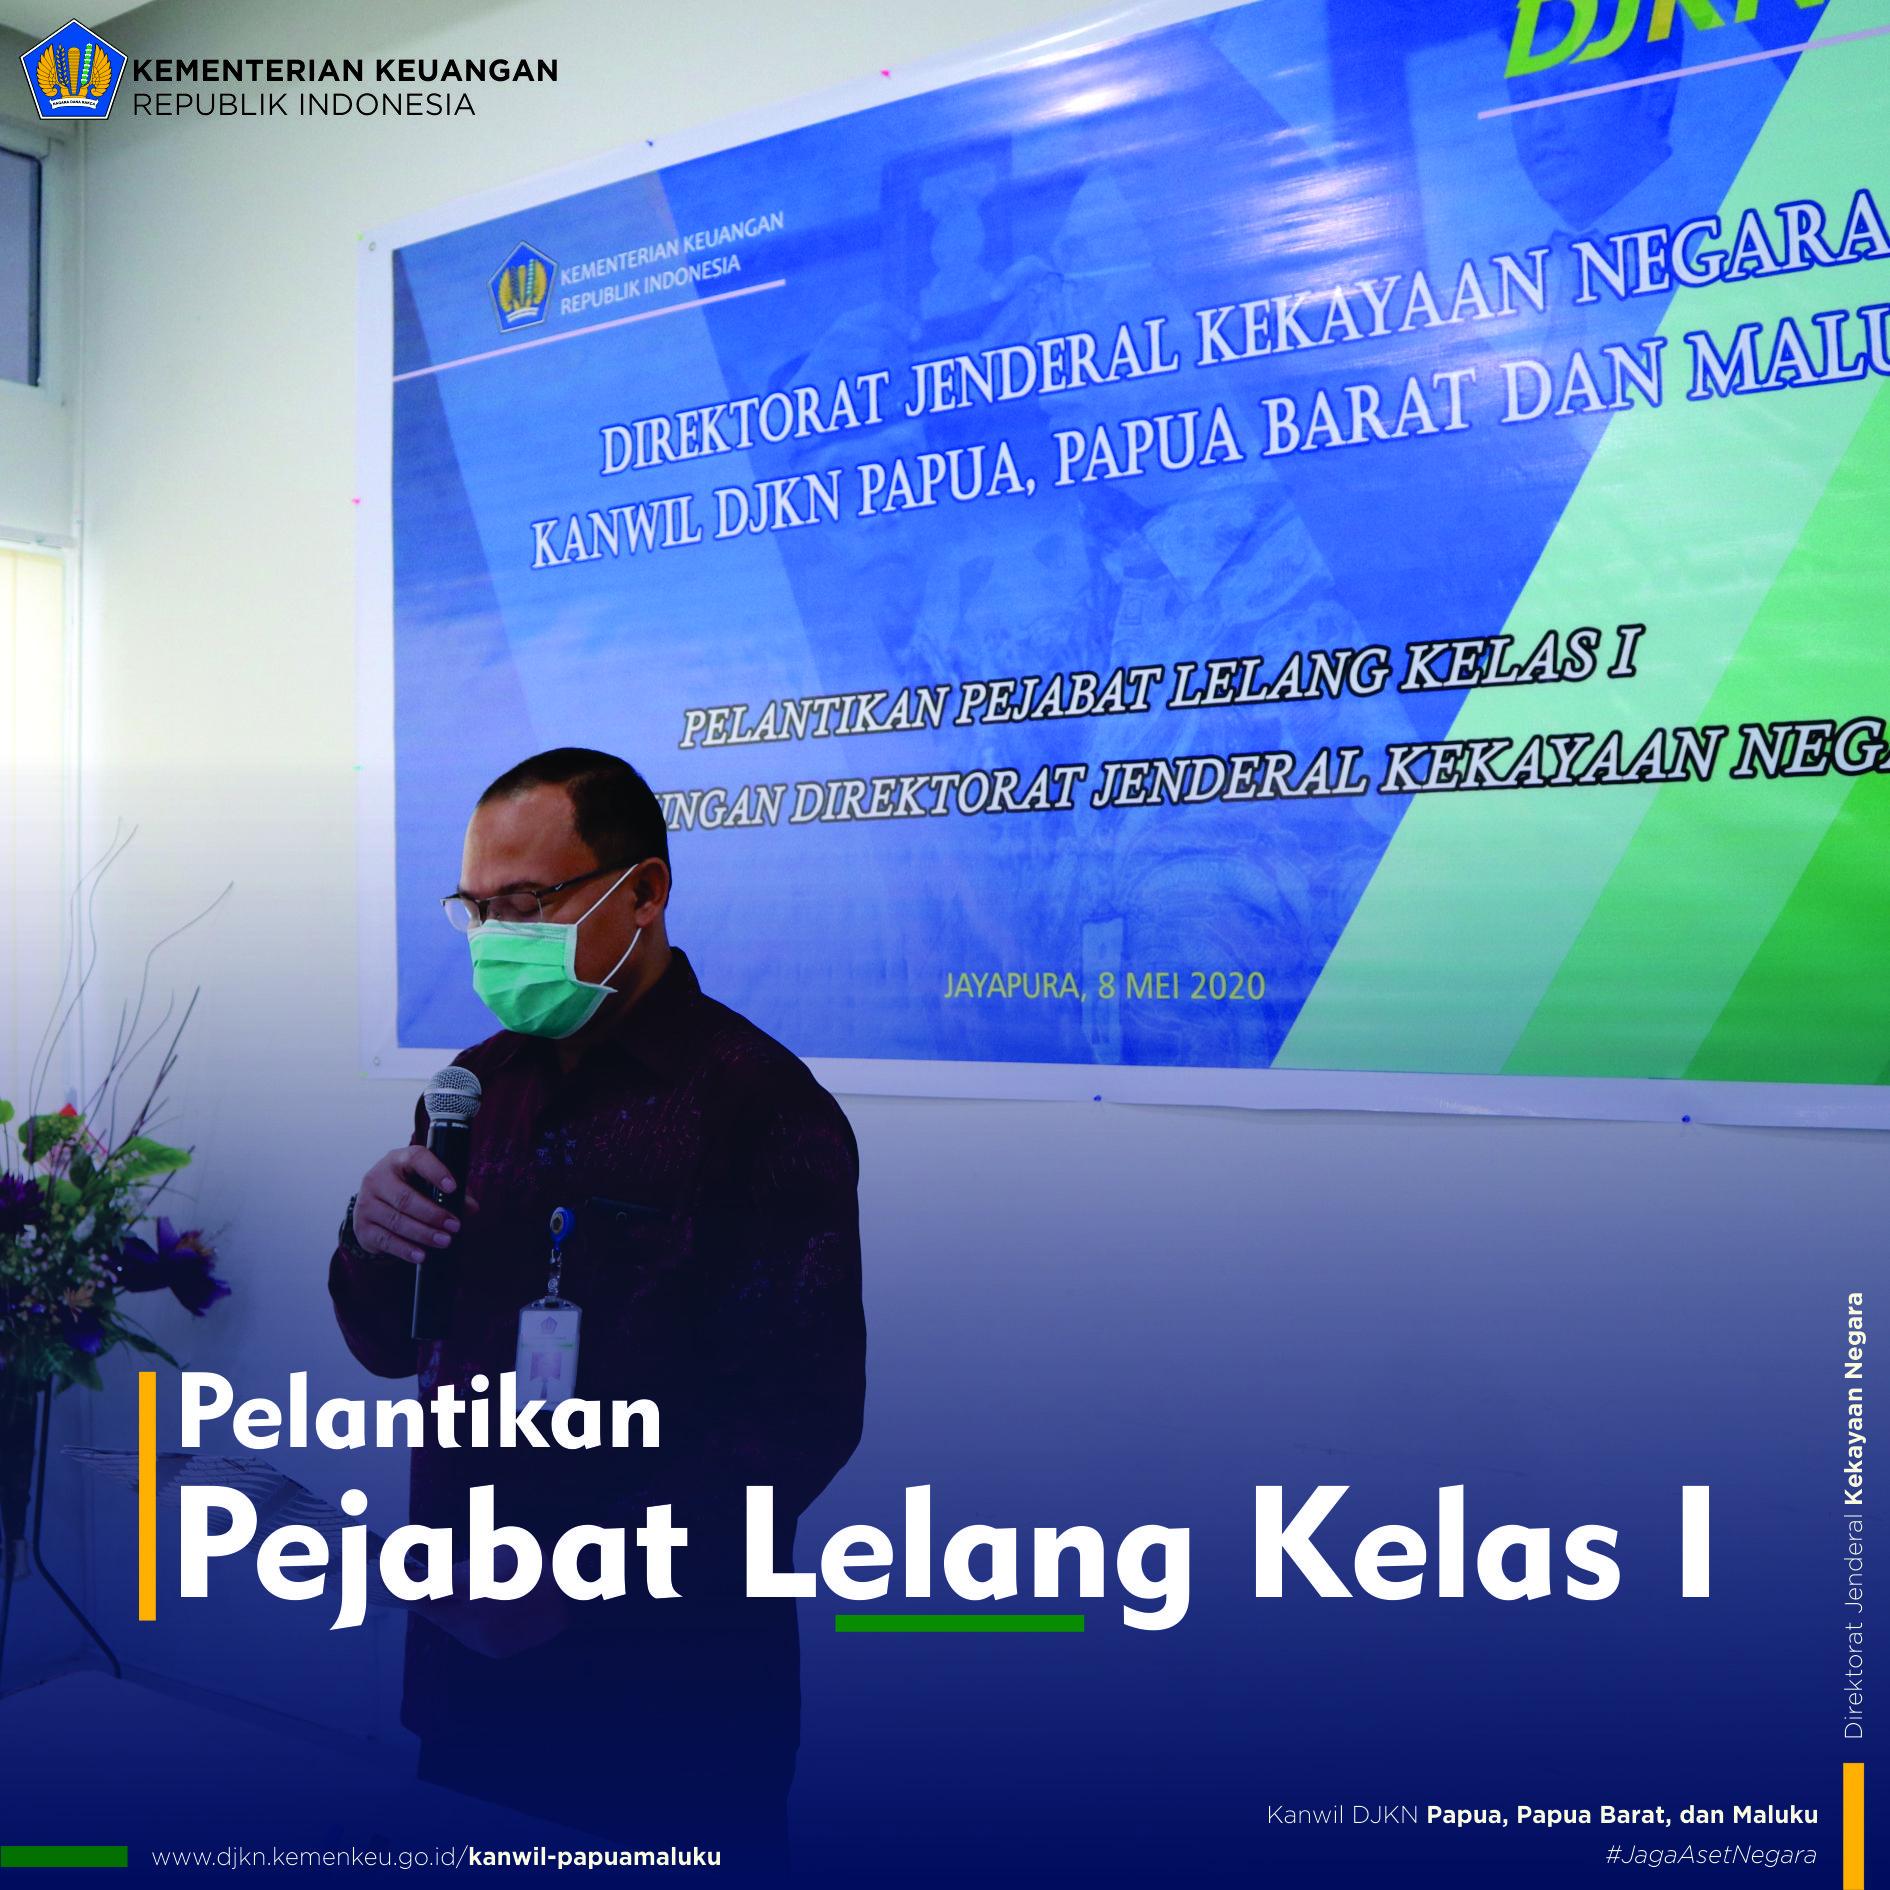 Pelantikan Pejabat Lelang Kelas I dari KPKNL Jayapura